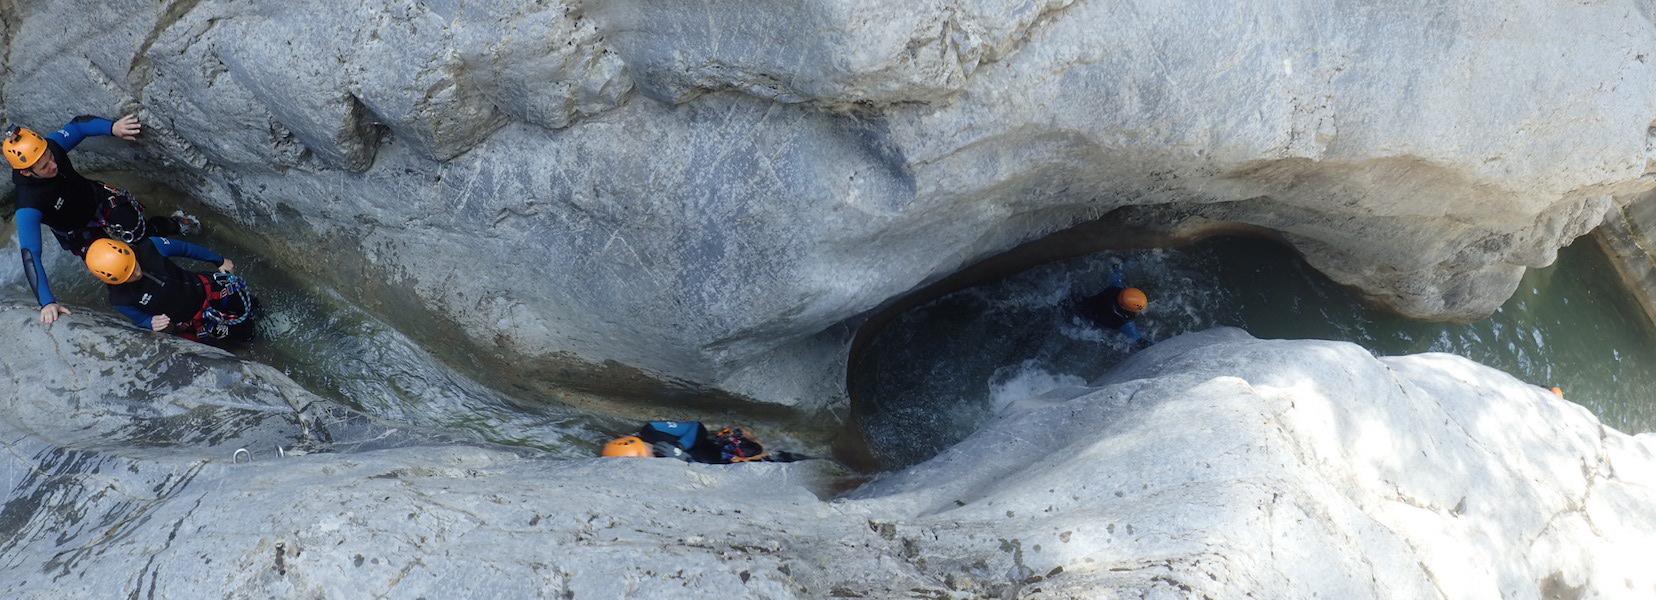 Découverte du canyon de Cramassouri dans les Alpes Maritimes proche de Nice.